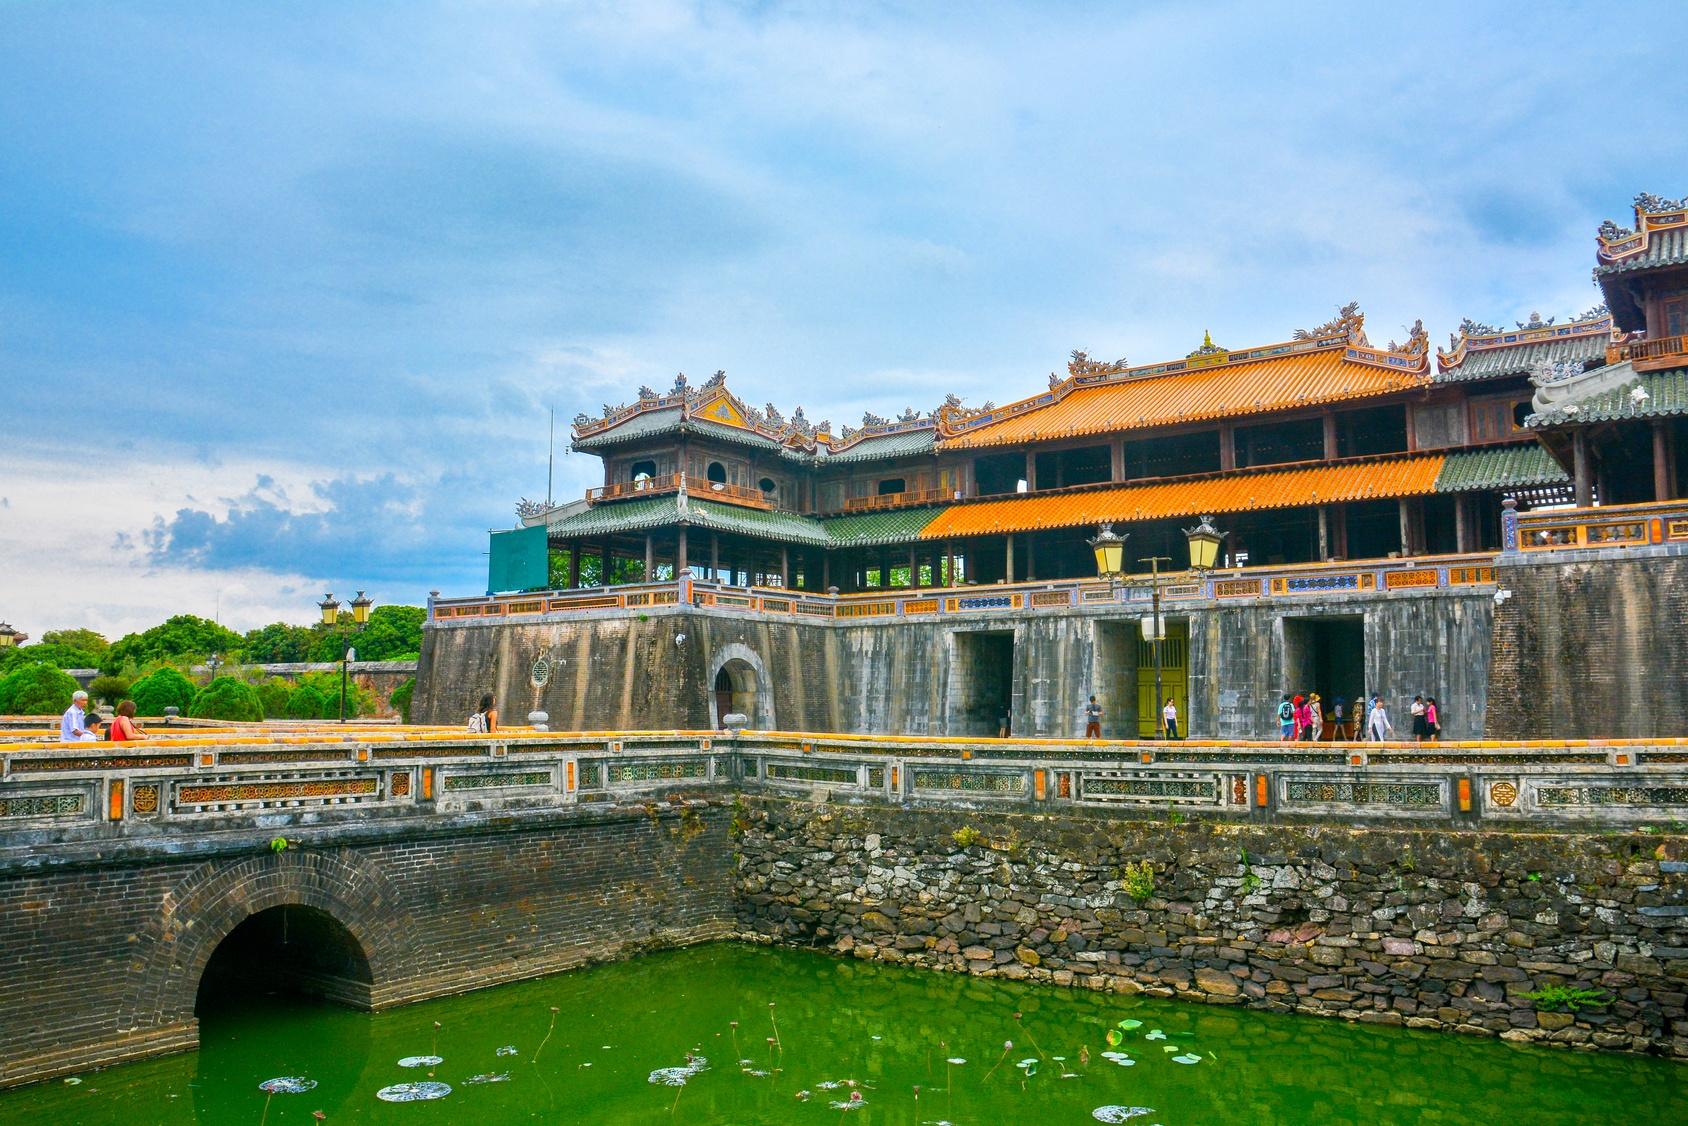 【関空発】ベトナム航空利用 4つの世界遺産を訪ねる ベトナム中部 6日【SIT絶景】